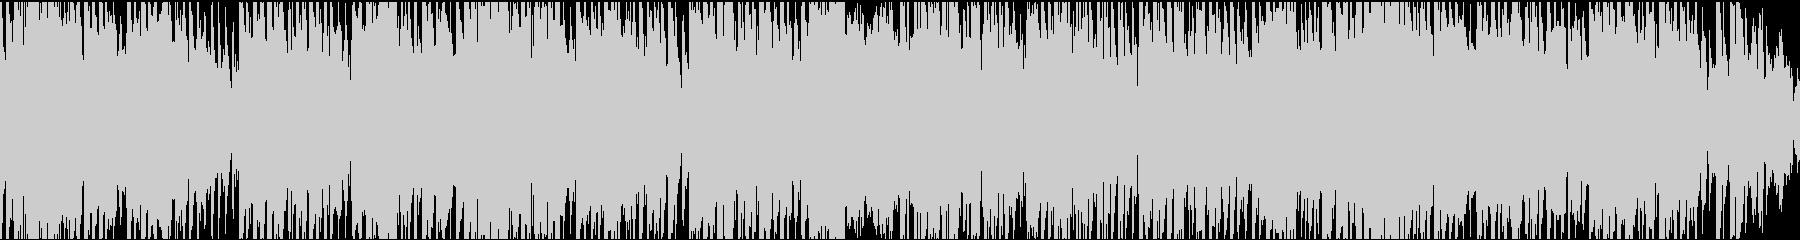 ファンクなサックスのループ音楽の未再生の波形